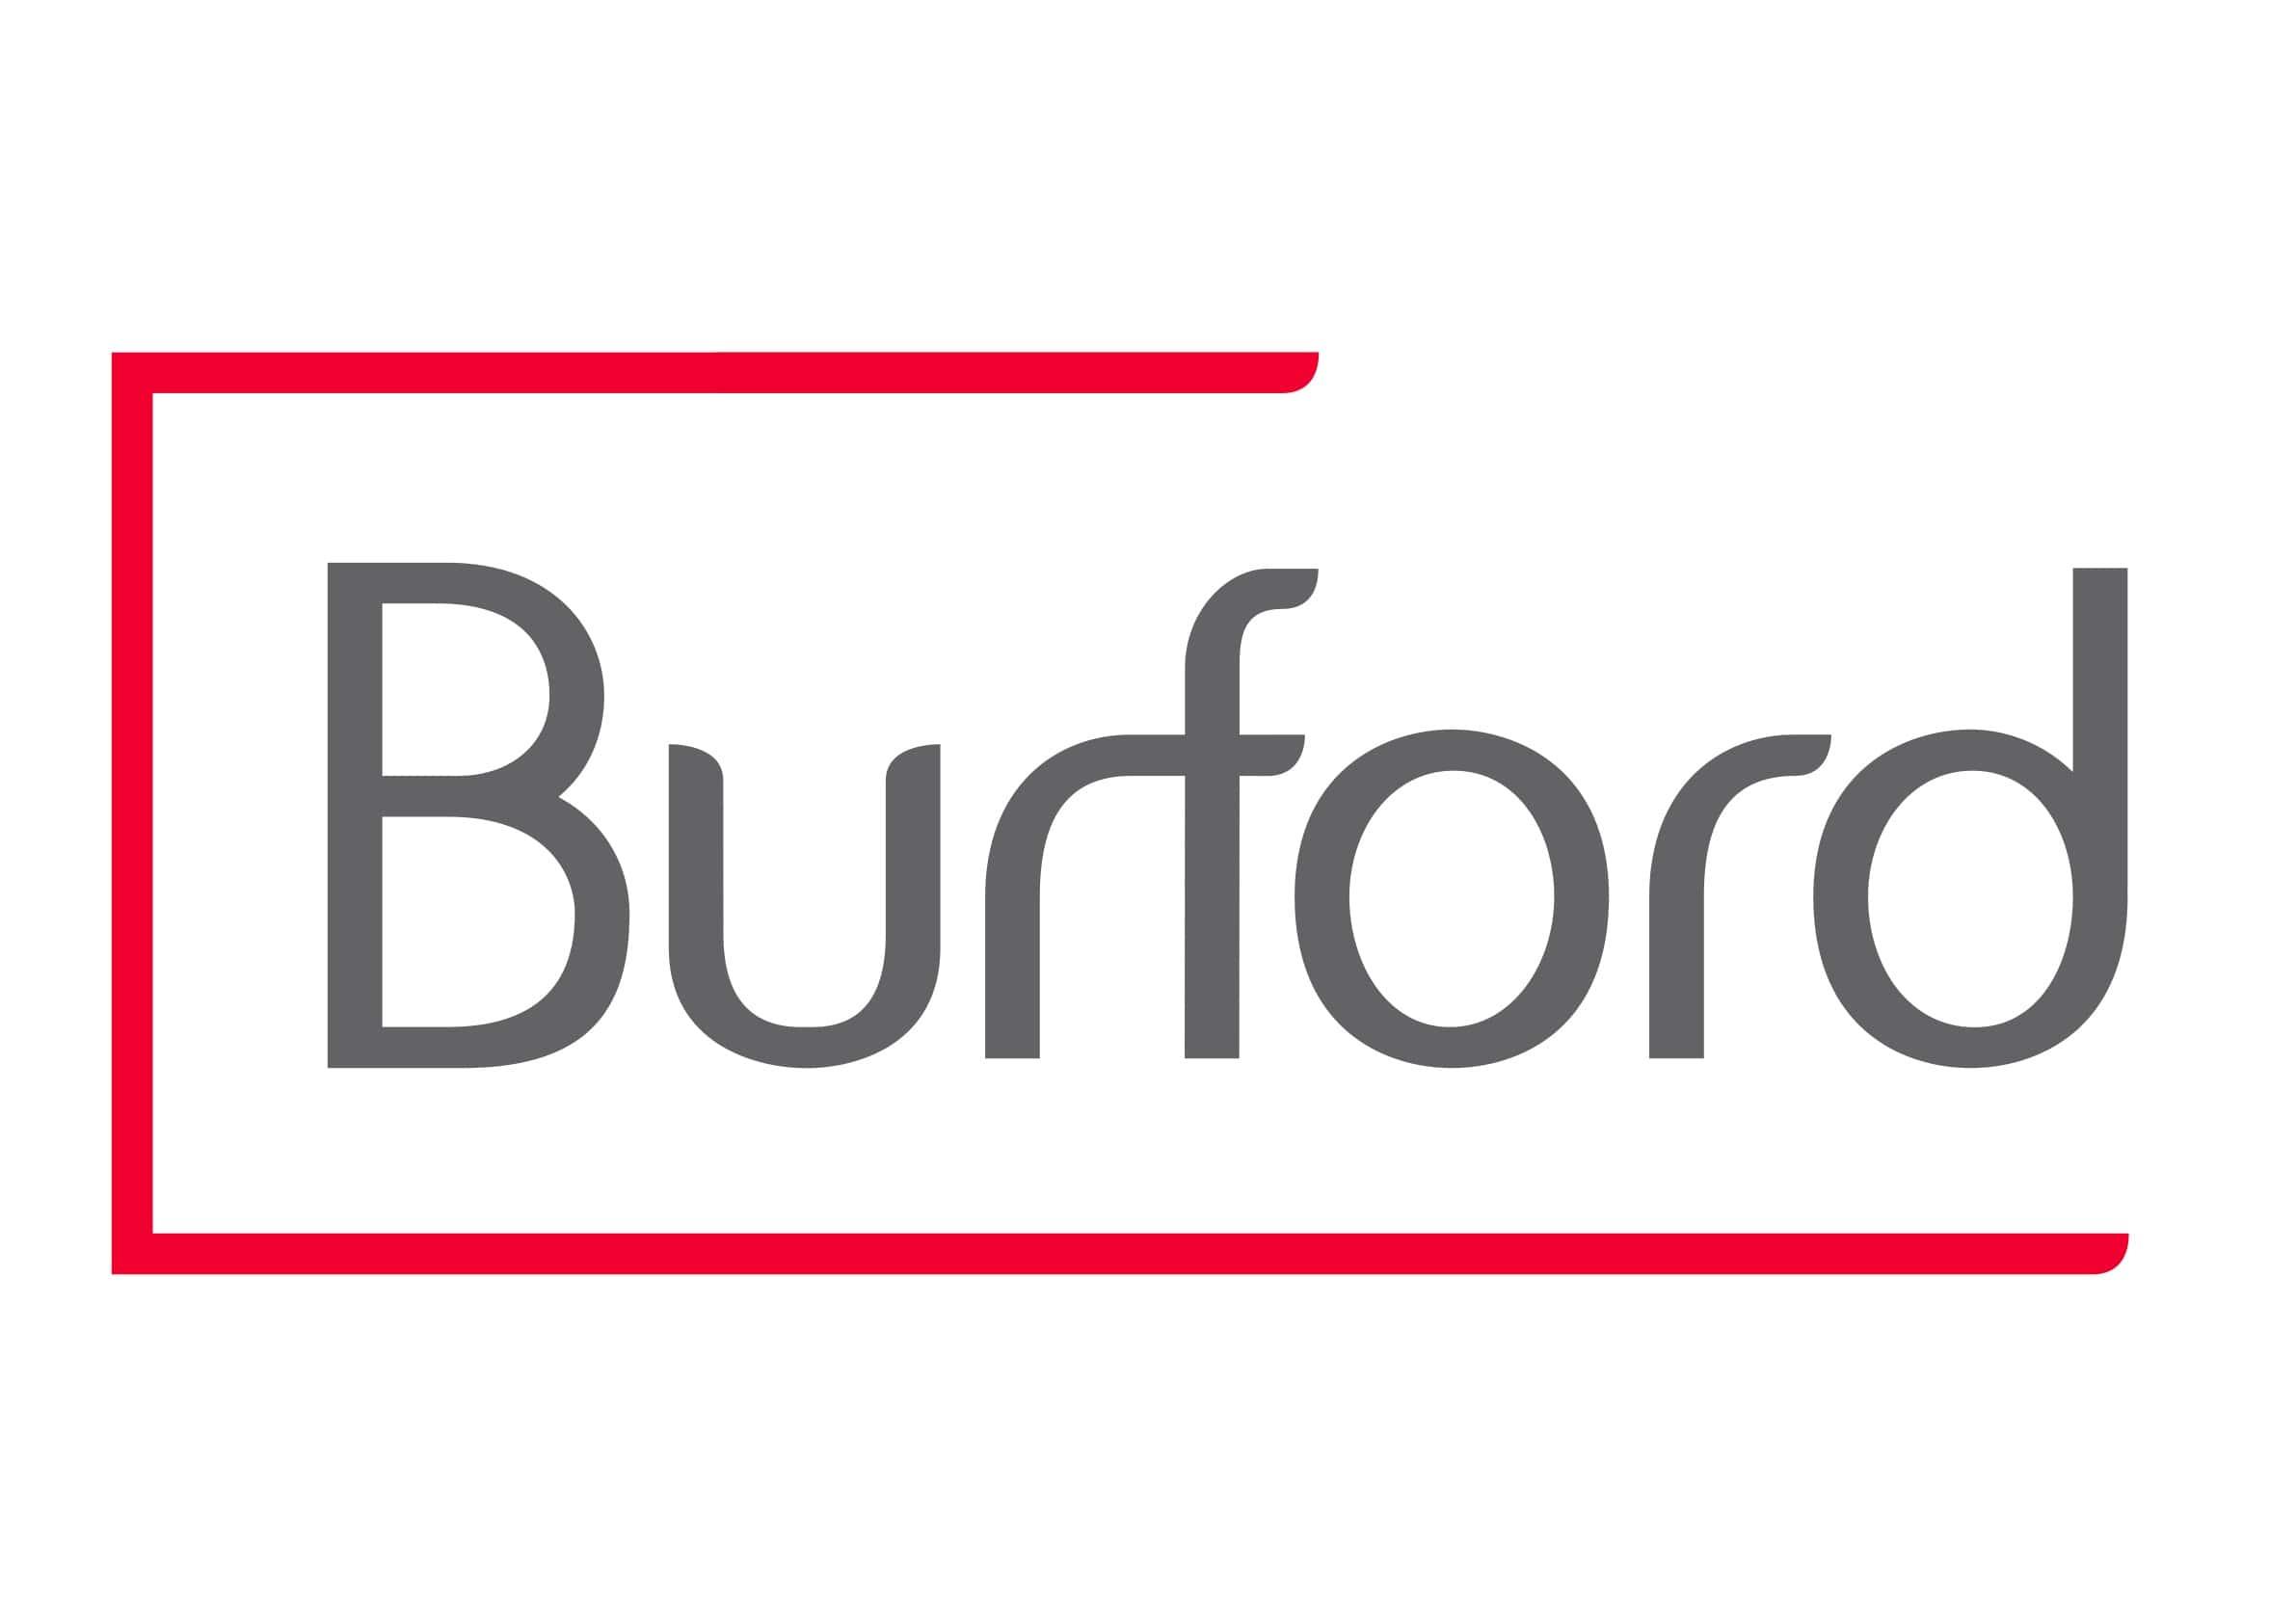 Доклад Burford Capital о новых тенденциях среди юристов в 2021: Поиски «Дремлющих активов»